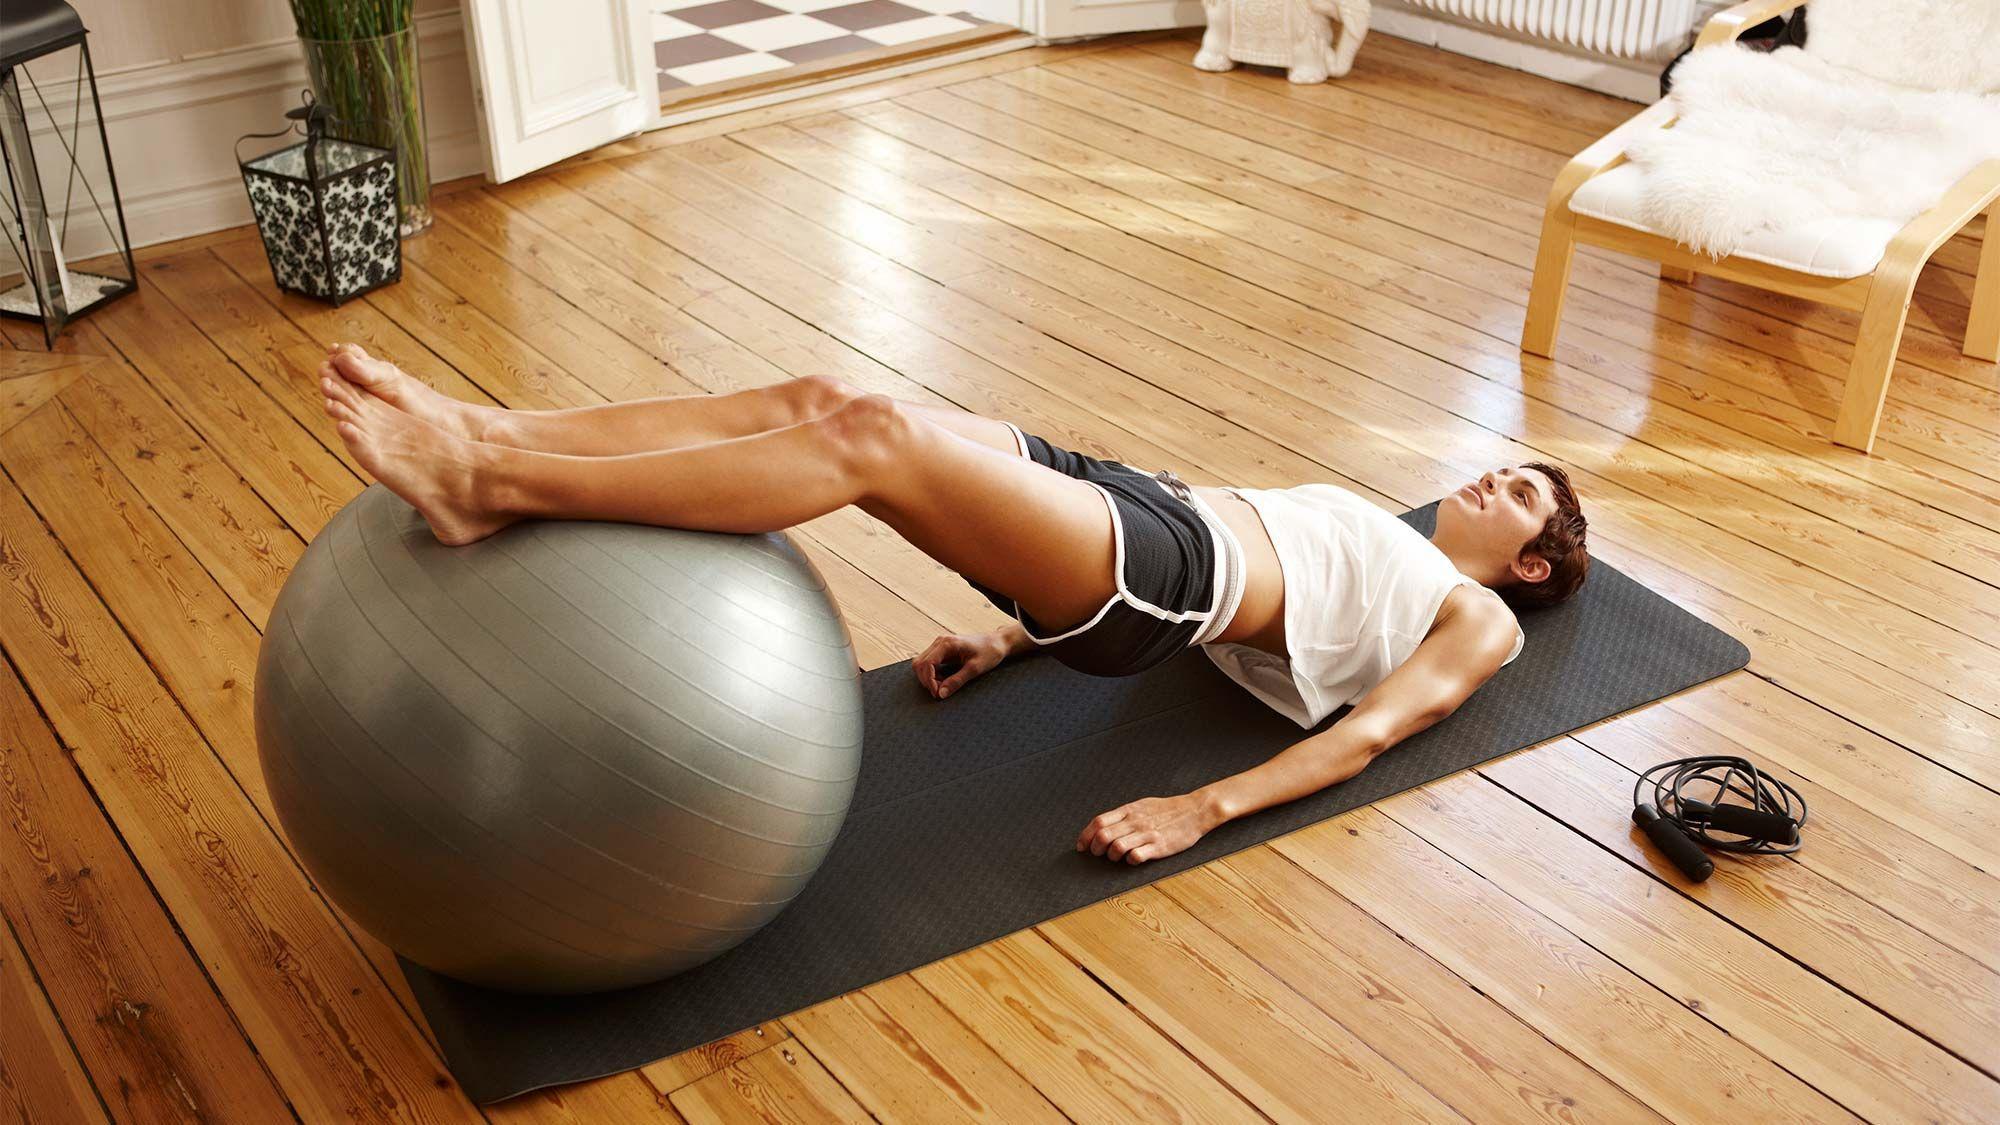 Йога от депрессии и стресса: упражнения для самостоятельного выхода, видео